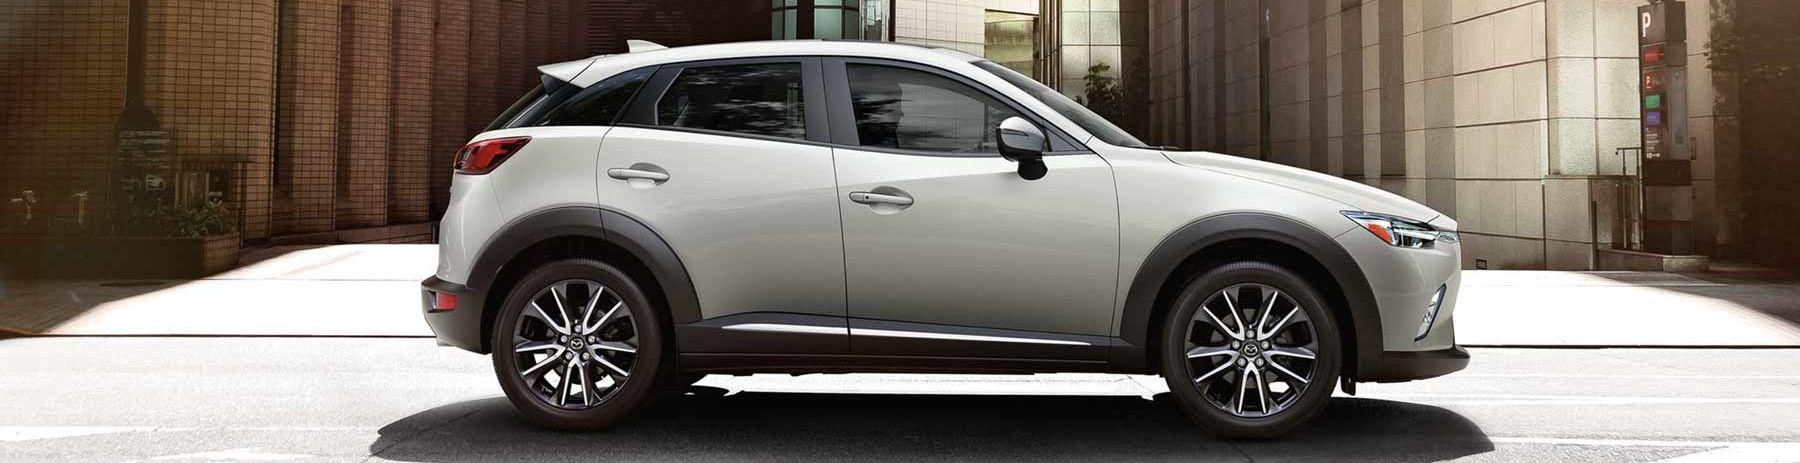 2018 Mazda CX-3 for Sale near Sacramento, CA - Mazda of Elk Grove